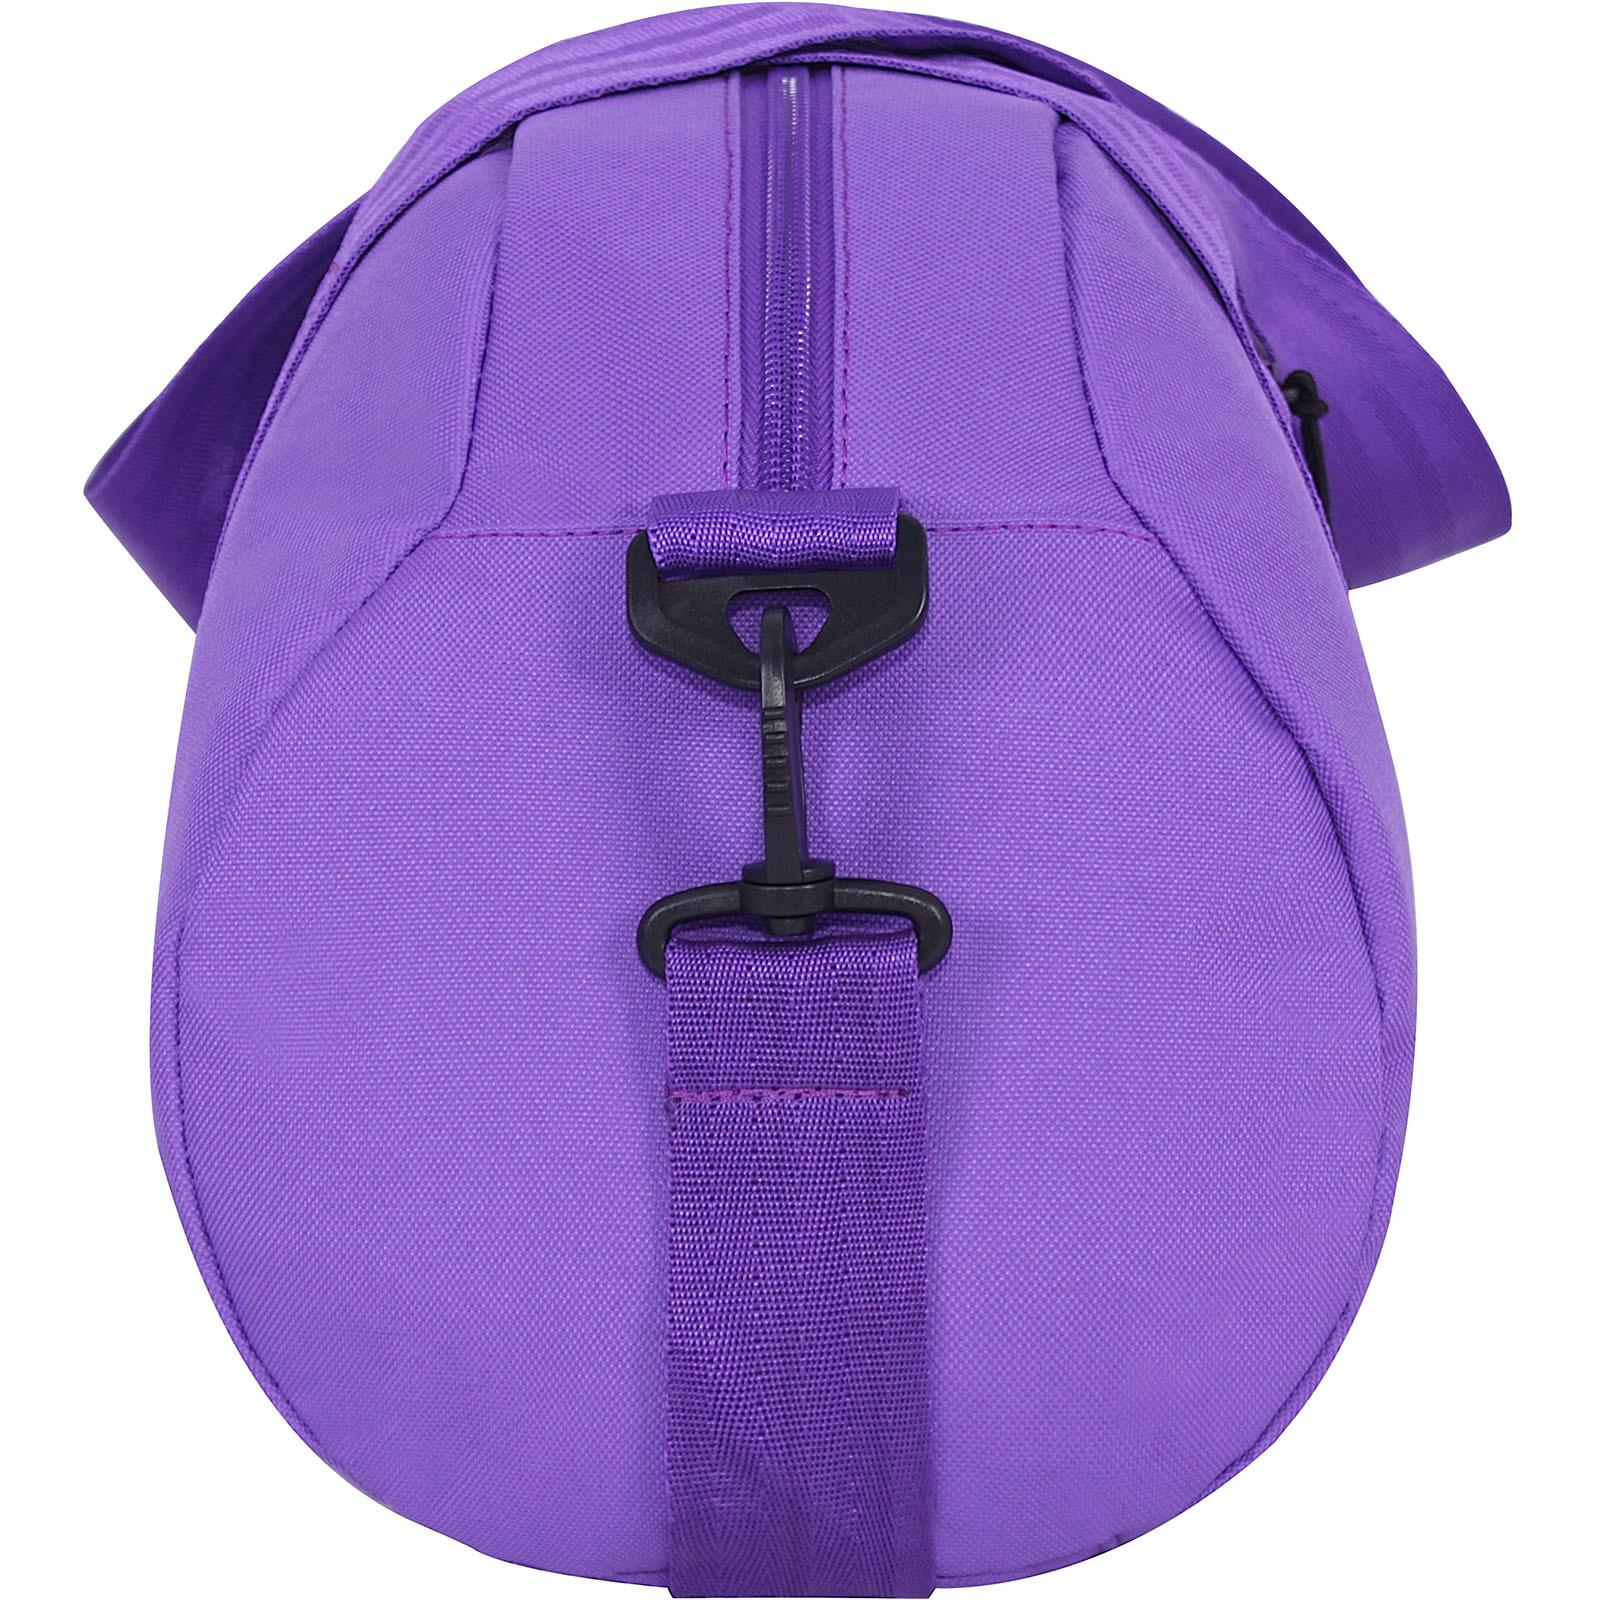 Сумка Bagland Oblivion 27 л. 339 Фиолетовый (0037366) фото 2